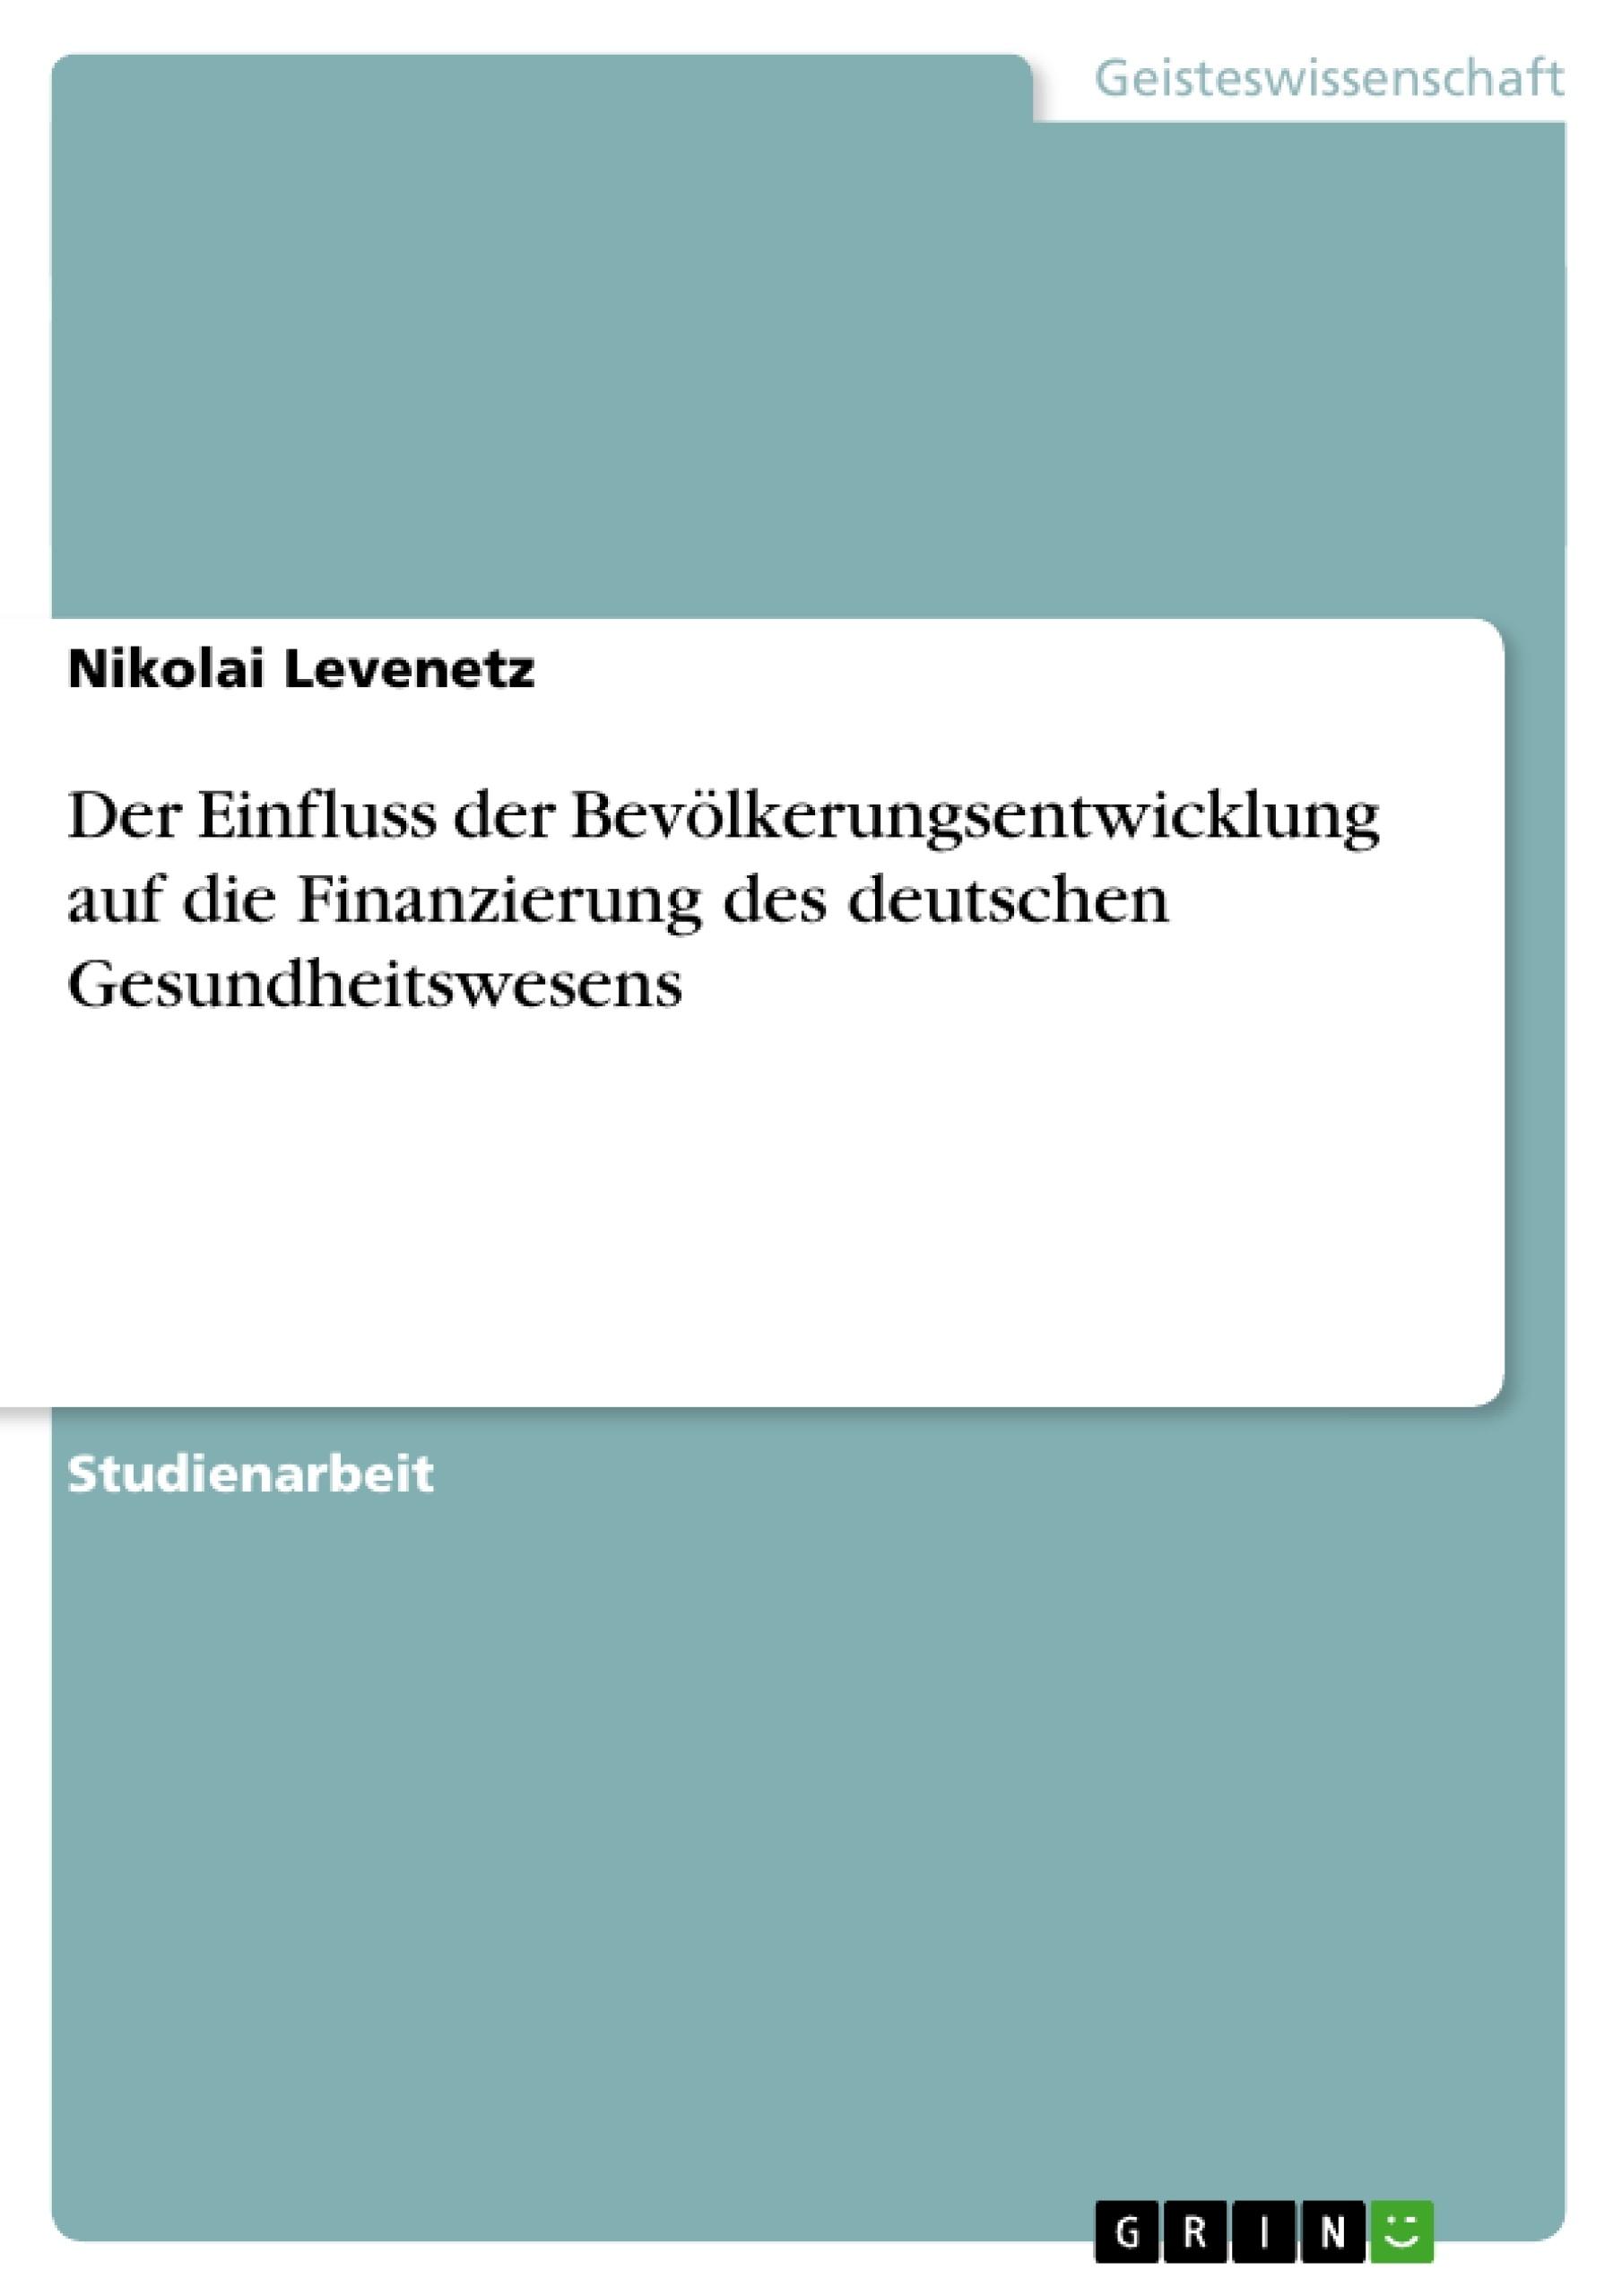 Titel: Der Einfluss der Bevölkerungsentwicklung auf die Finanzierung des deutschen Gesundheitswesens